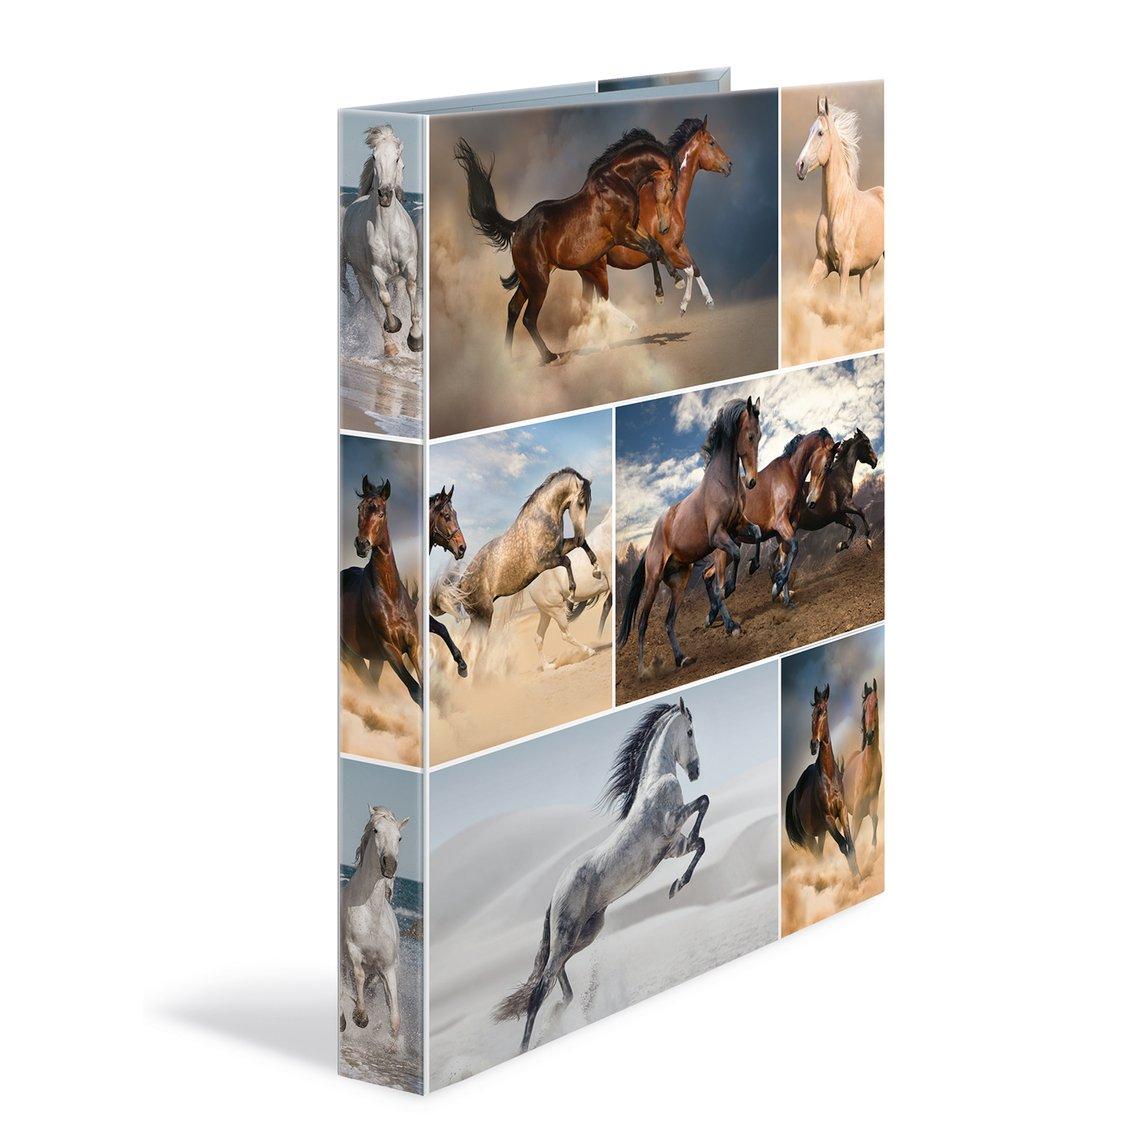 HERMA 19358ad anelli DIN A4Cartoncino, serie Animali, motivo: cane, 4Anelli, Dorso 35mm, 1cartella Stretta 4 anelli cavallo 19360